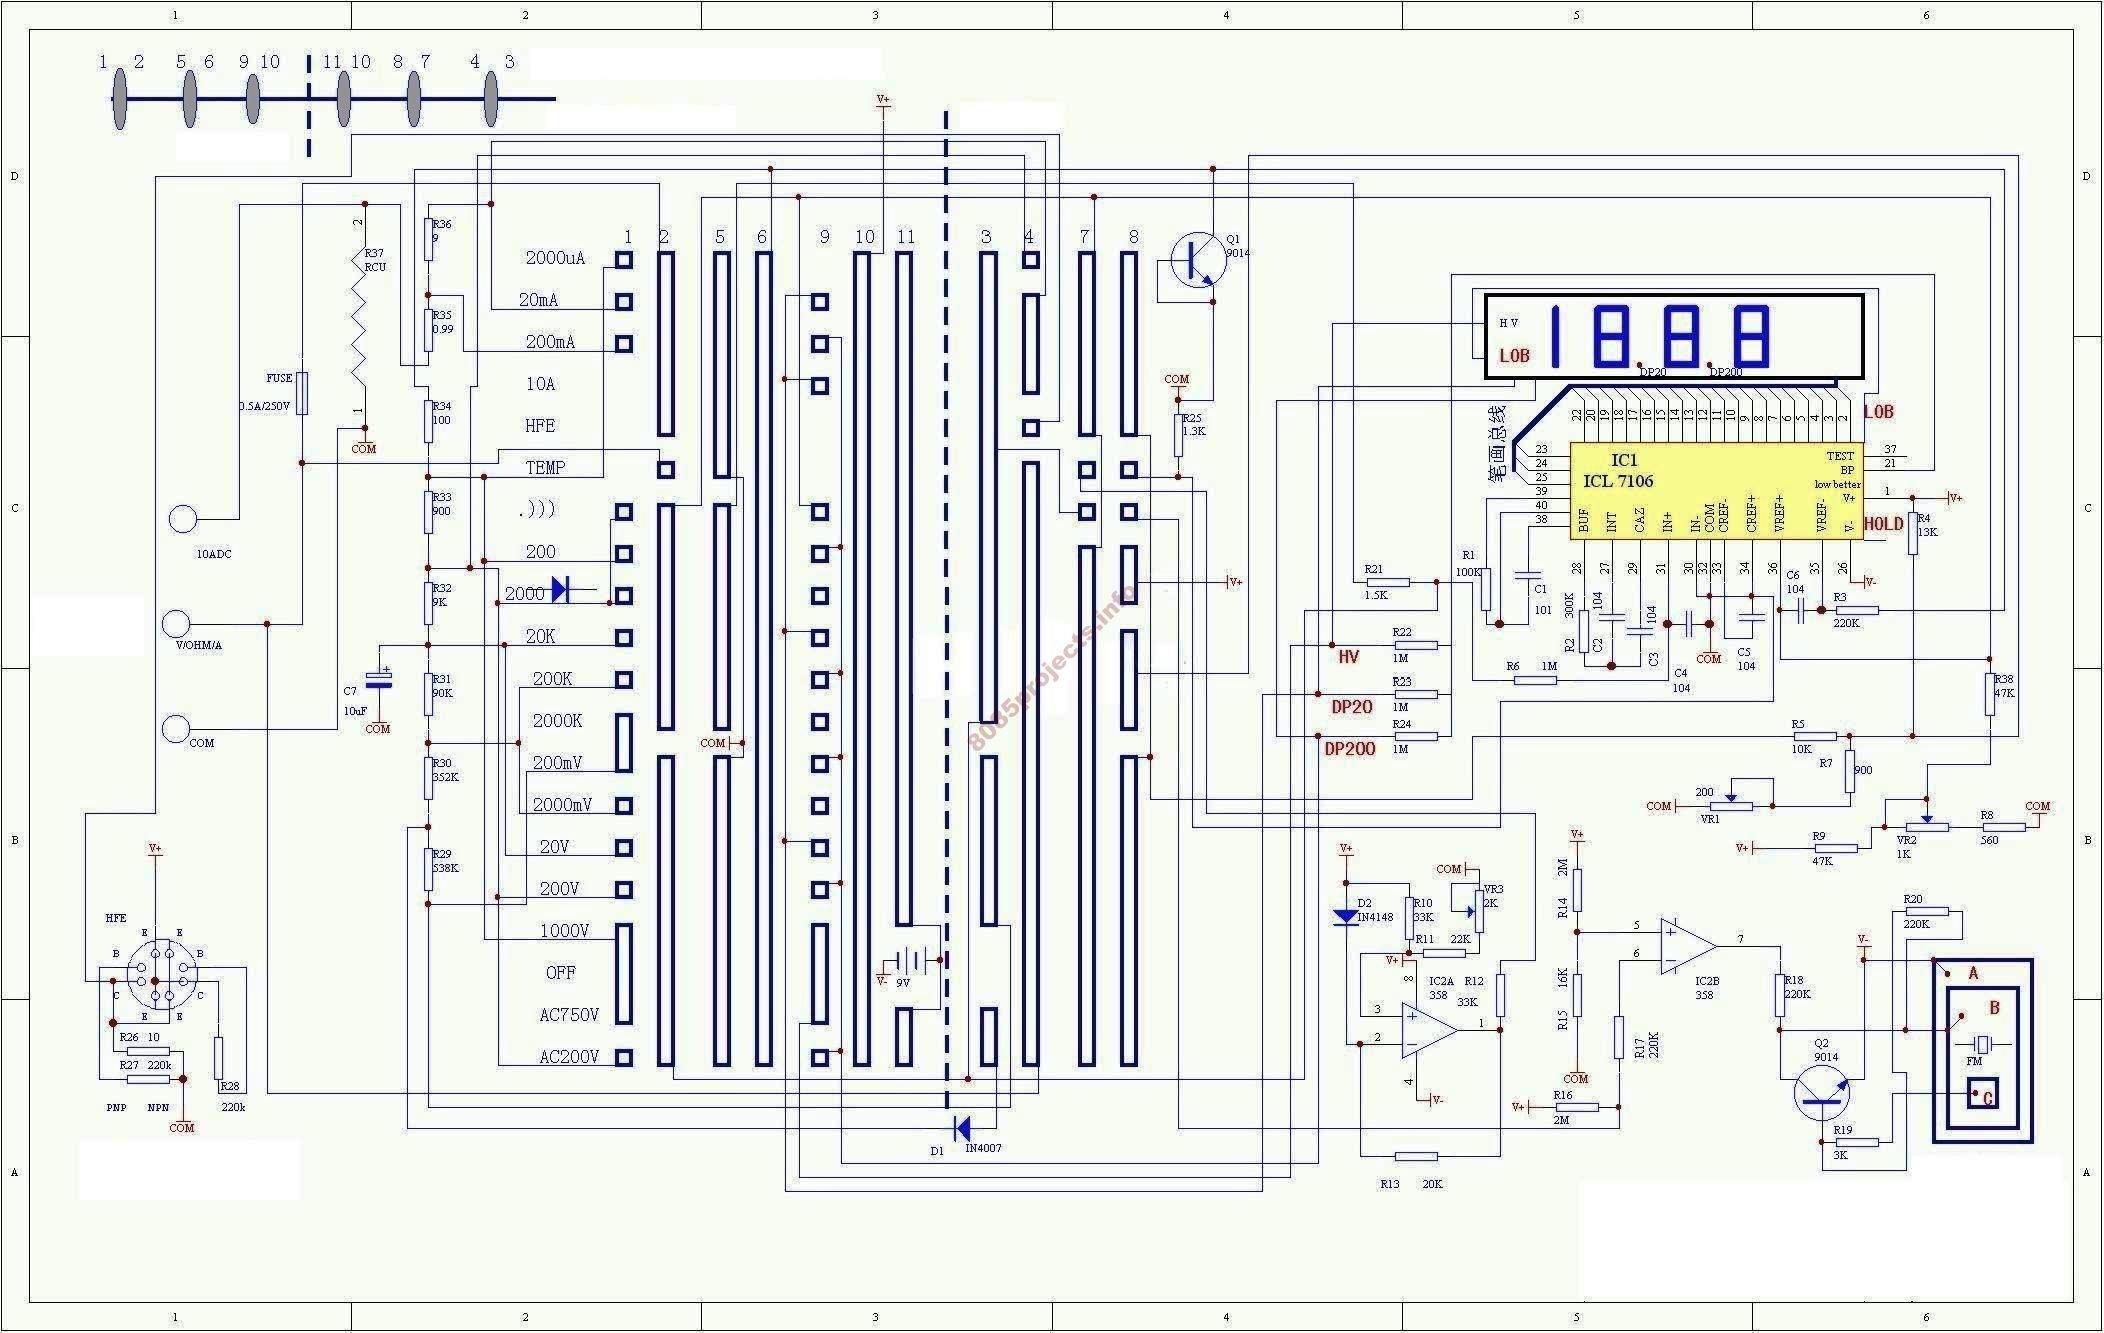 838 схема